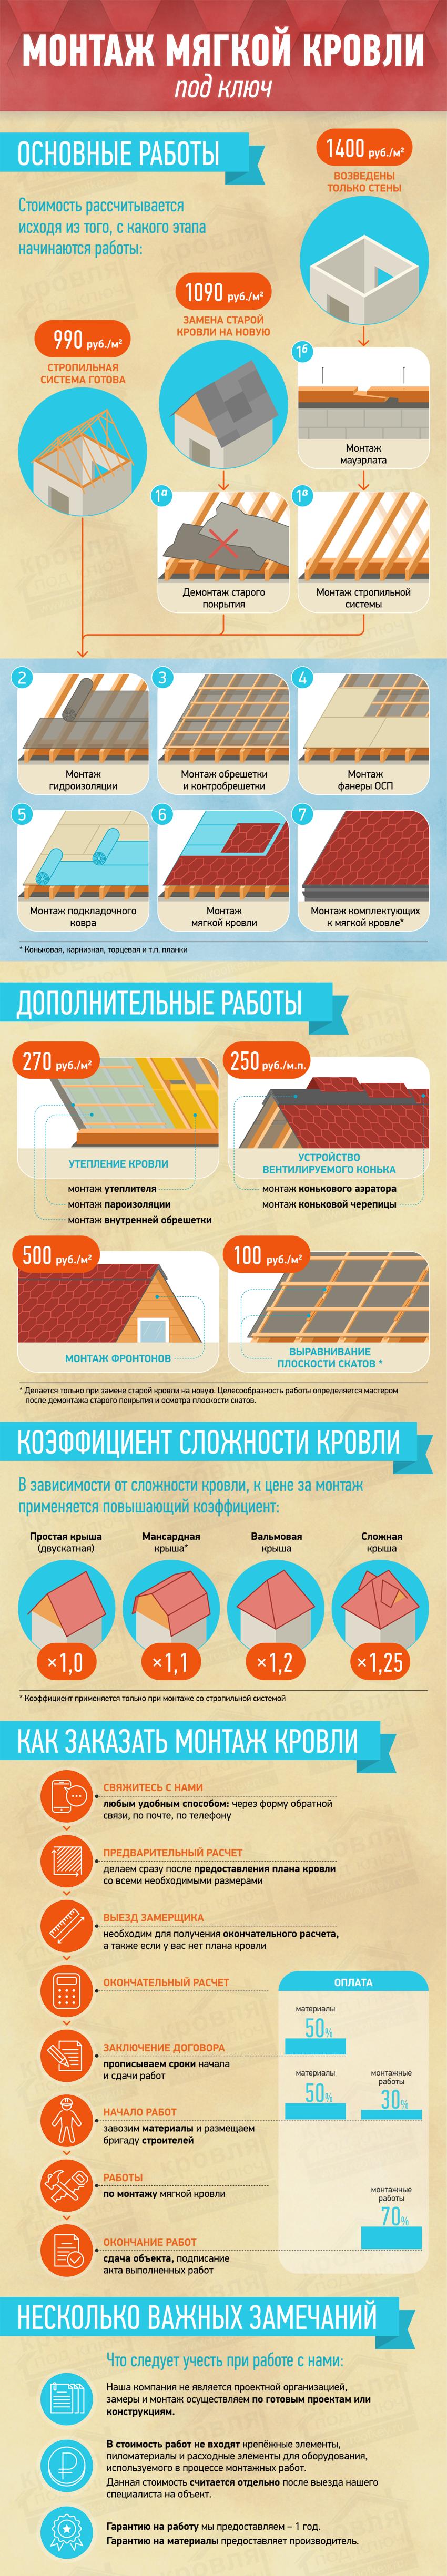 Монтаж мягкой кровли инфографика &#9660